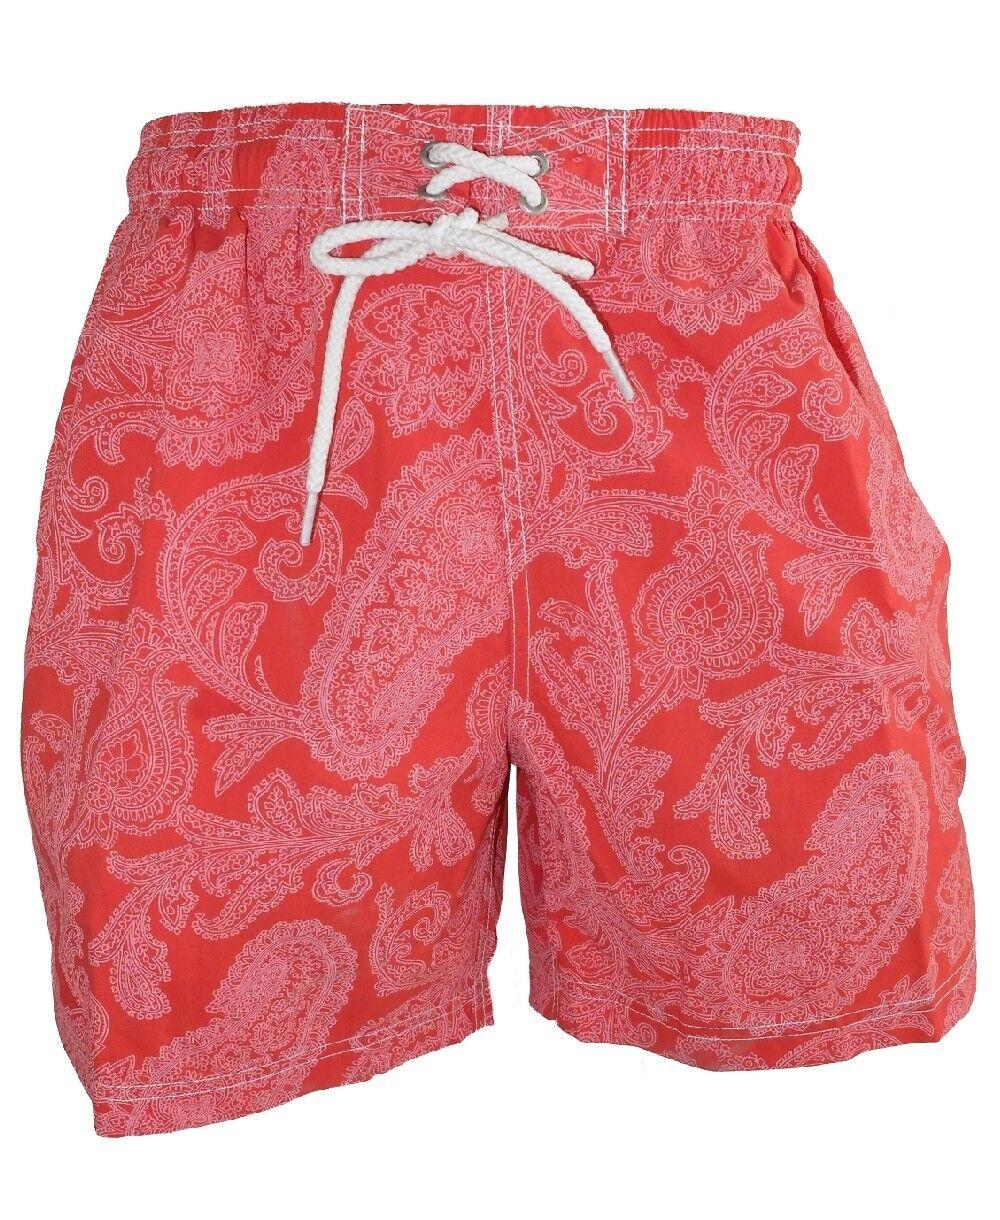 BAILEYS SWIM SHORT BEACHSHORT MODERN PAISLEYS Gr. M L XL red WEISS